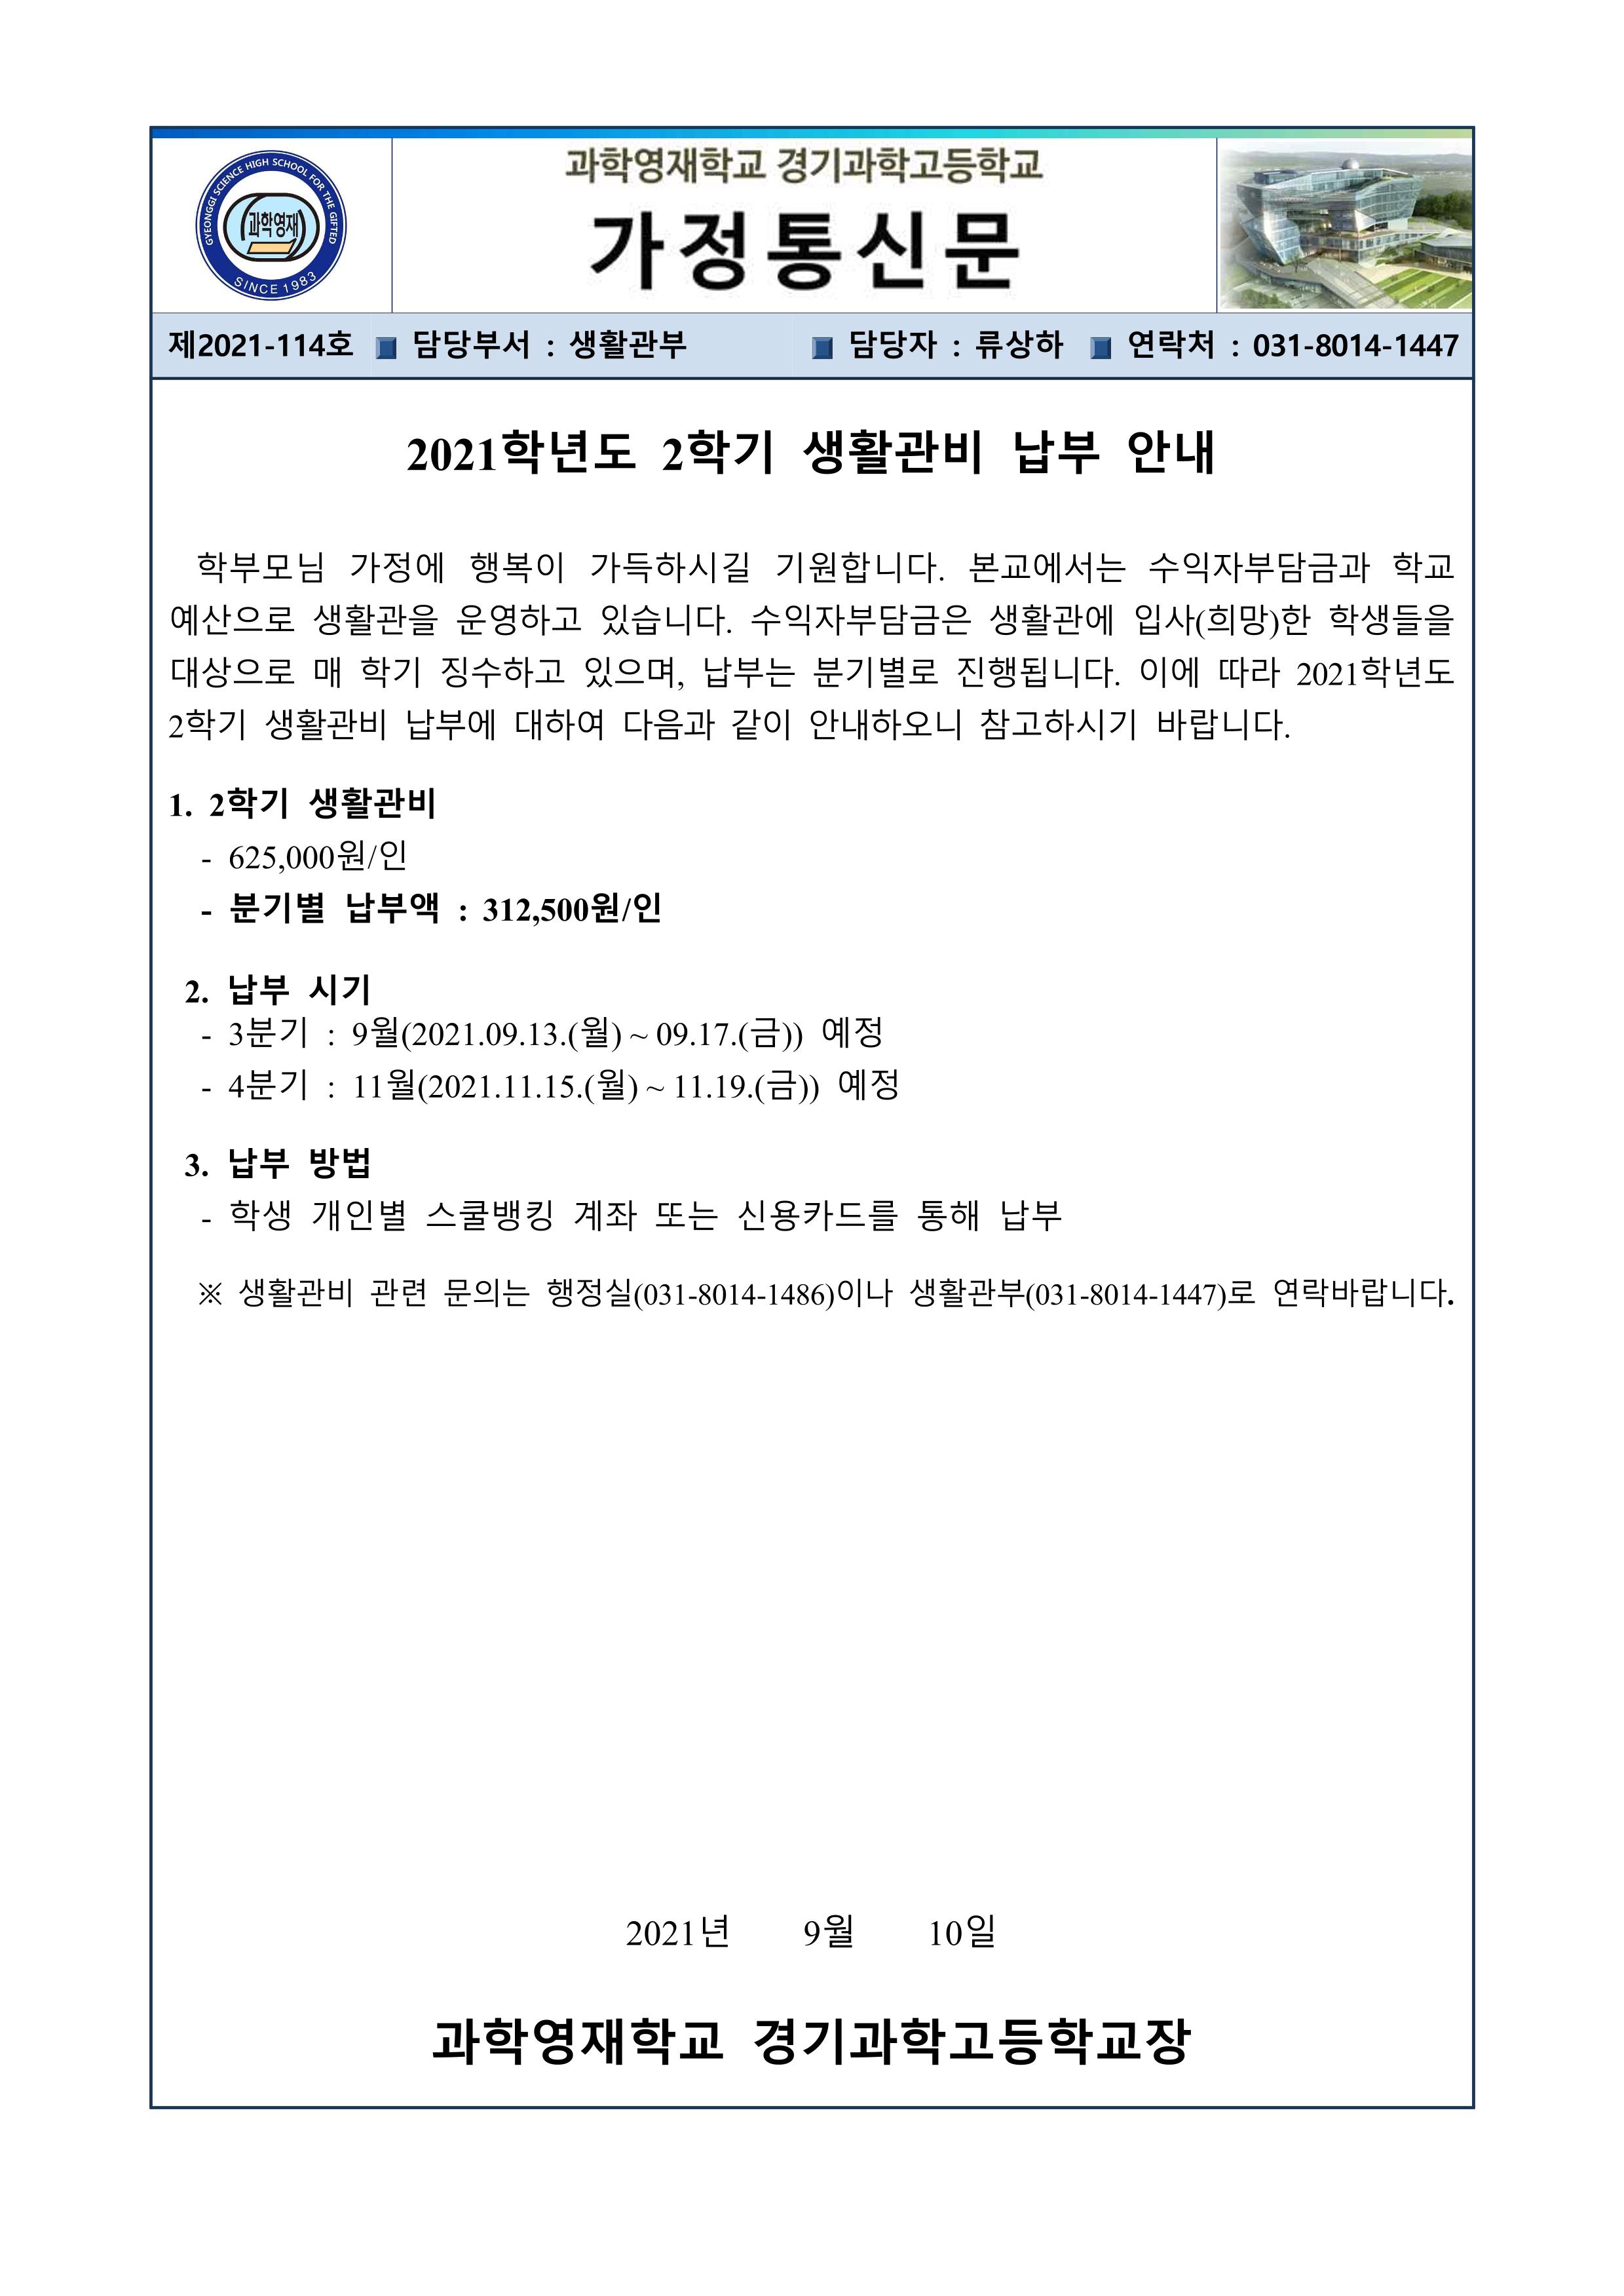 생활관비 납부 안내(2학기) 1Page.